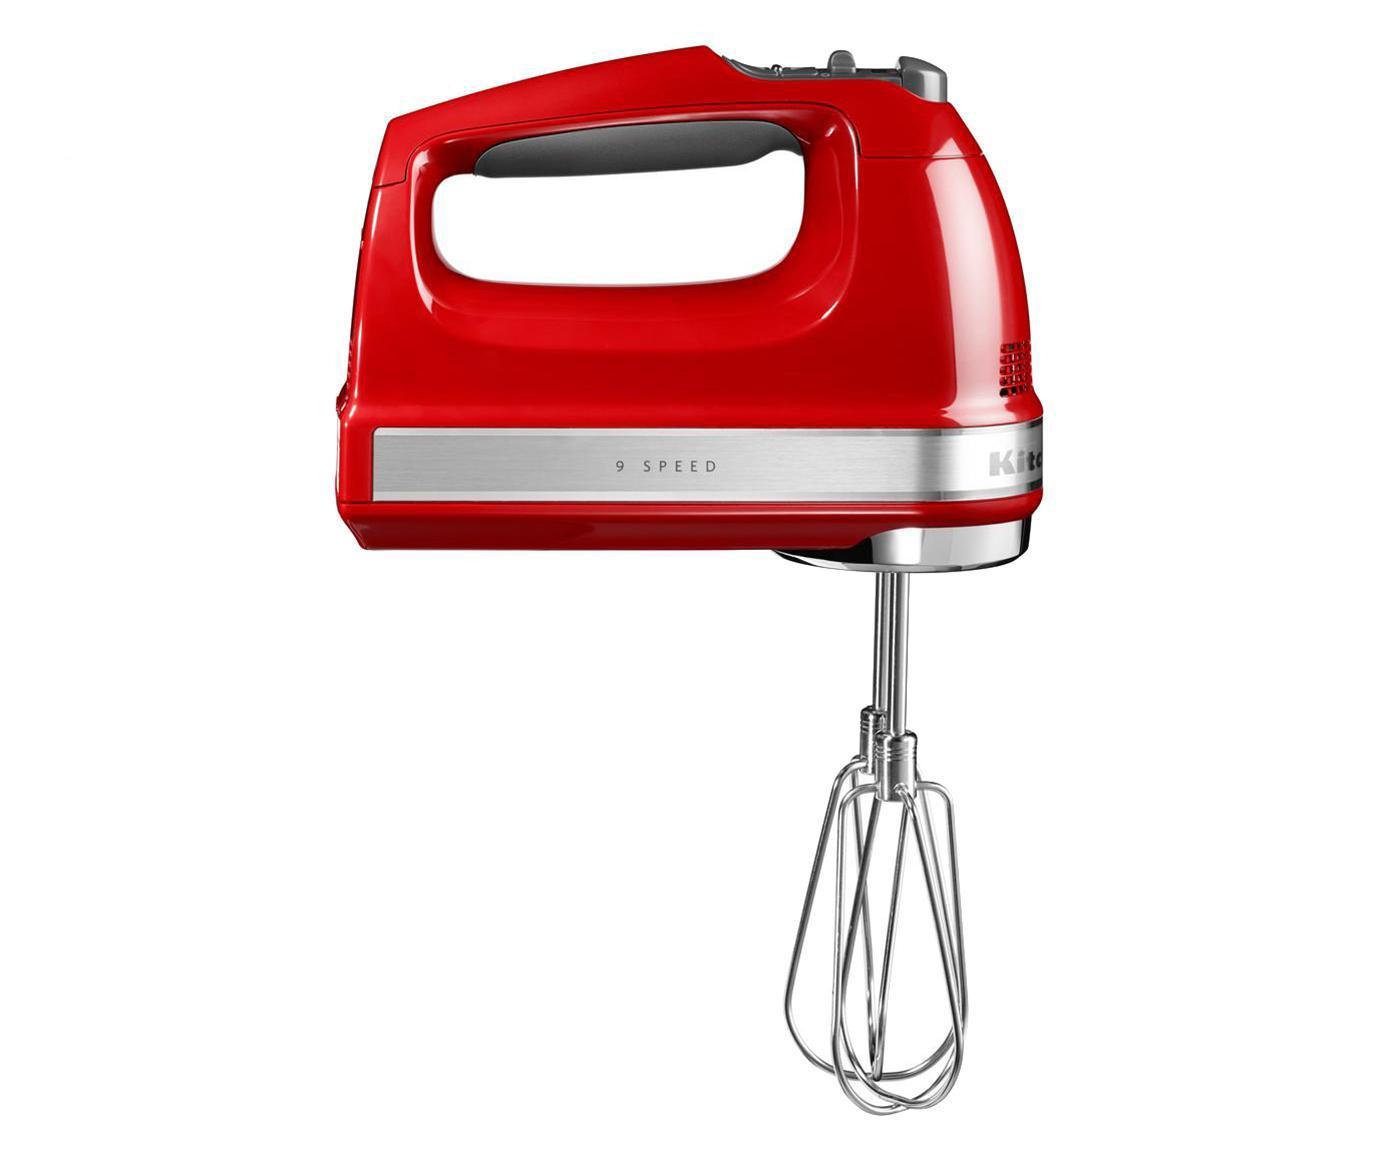 Sbattitore elettrico KitchenAid, Rosso, lucido, P 15 x A 20 cm